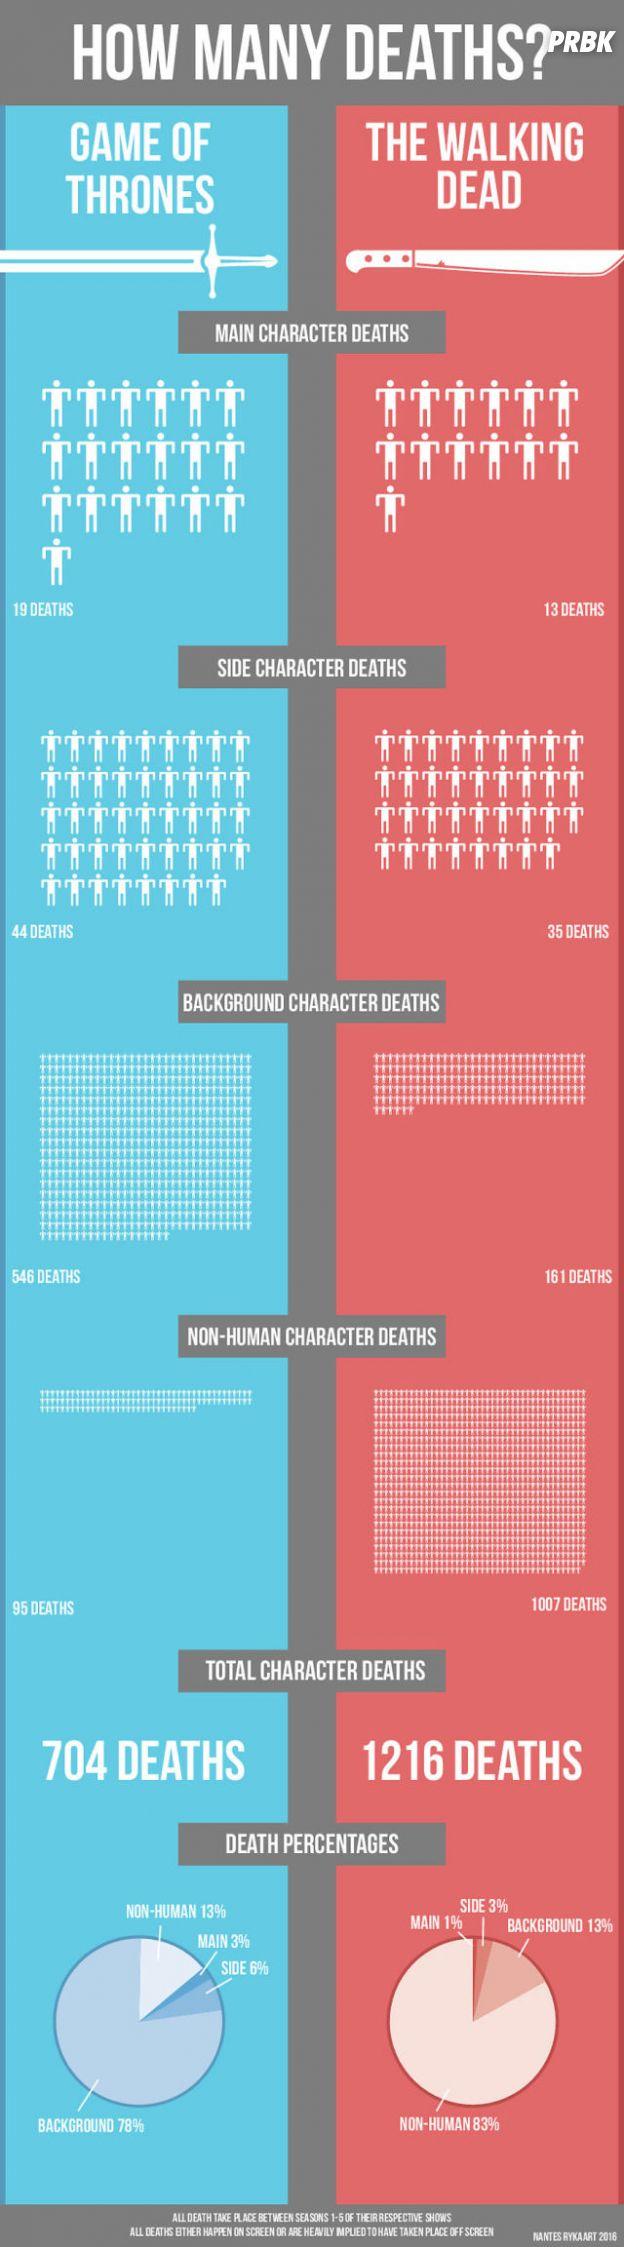 Game of Thrones vs The Walking Dead : quelle est la série la plus mortelle ?